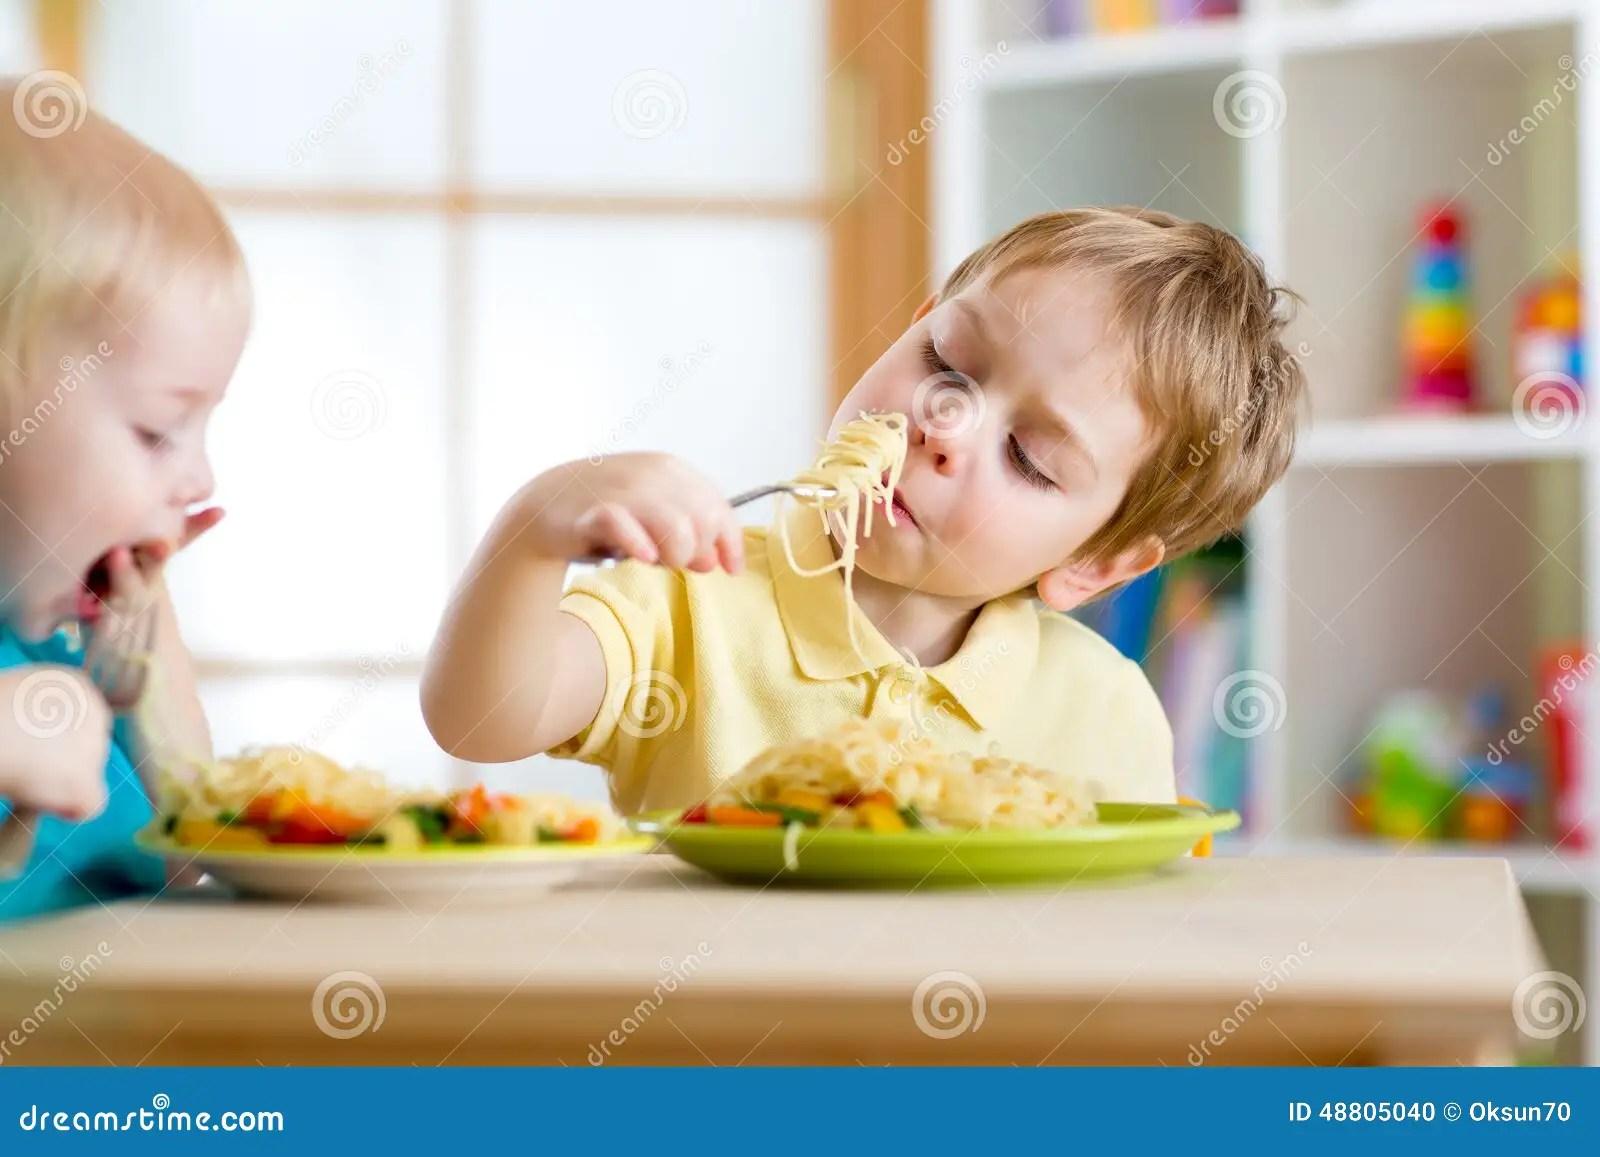 Children Eating Healthy Food In Kindergarten Or Stock